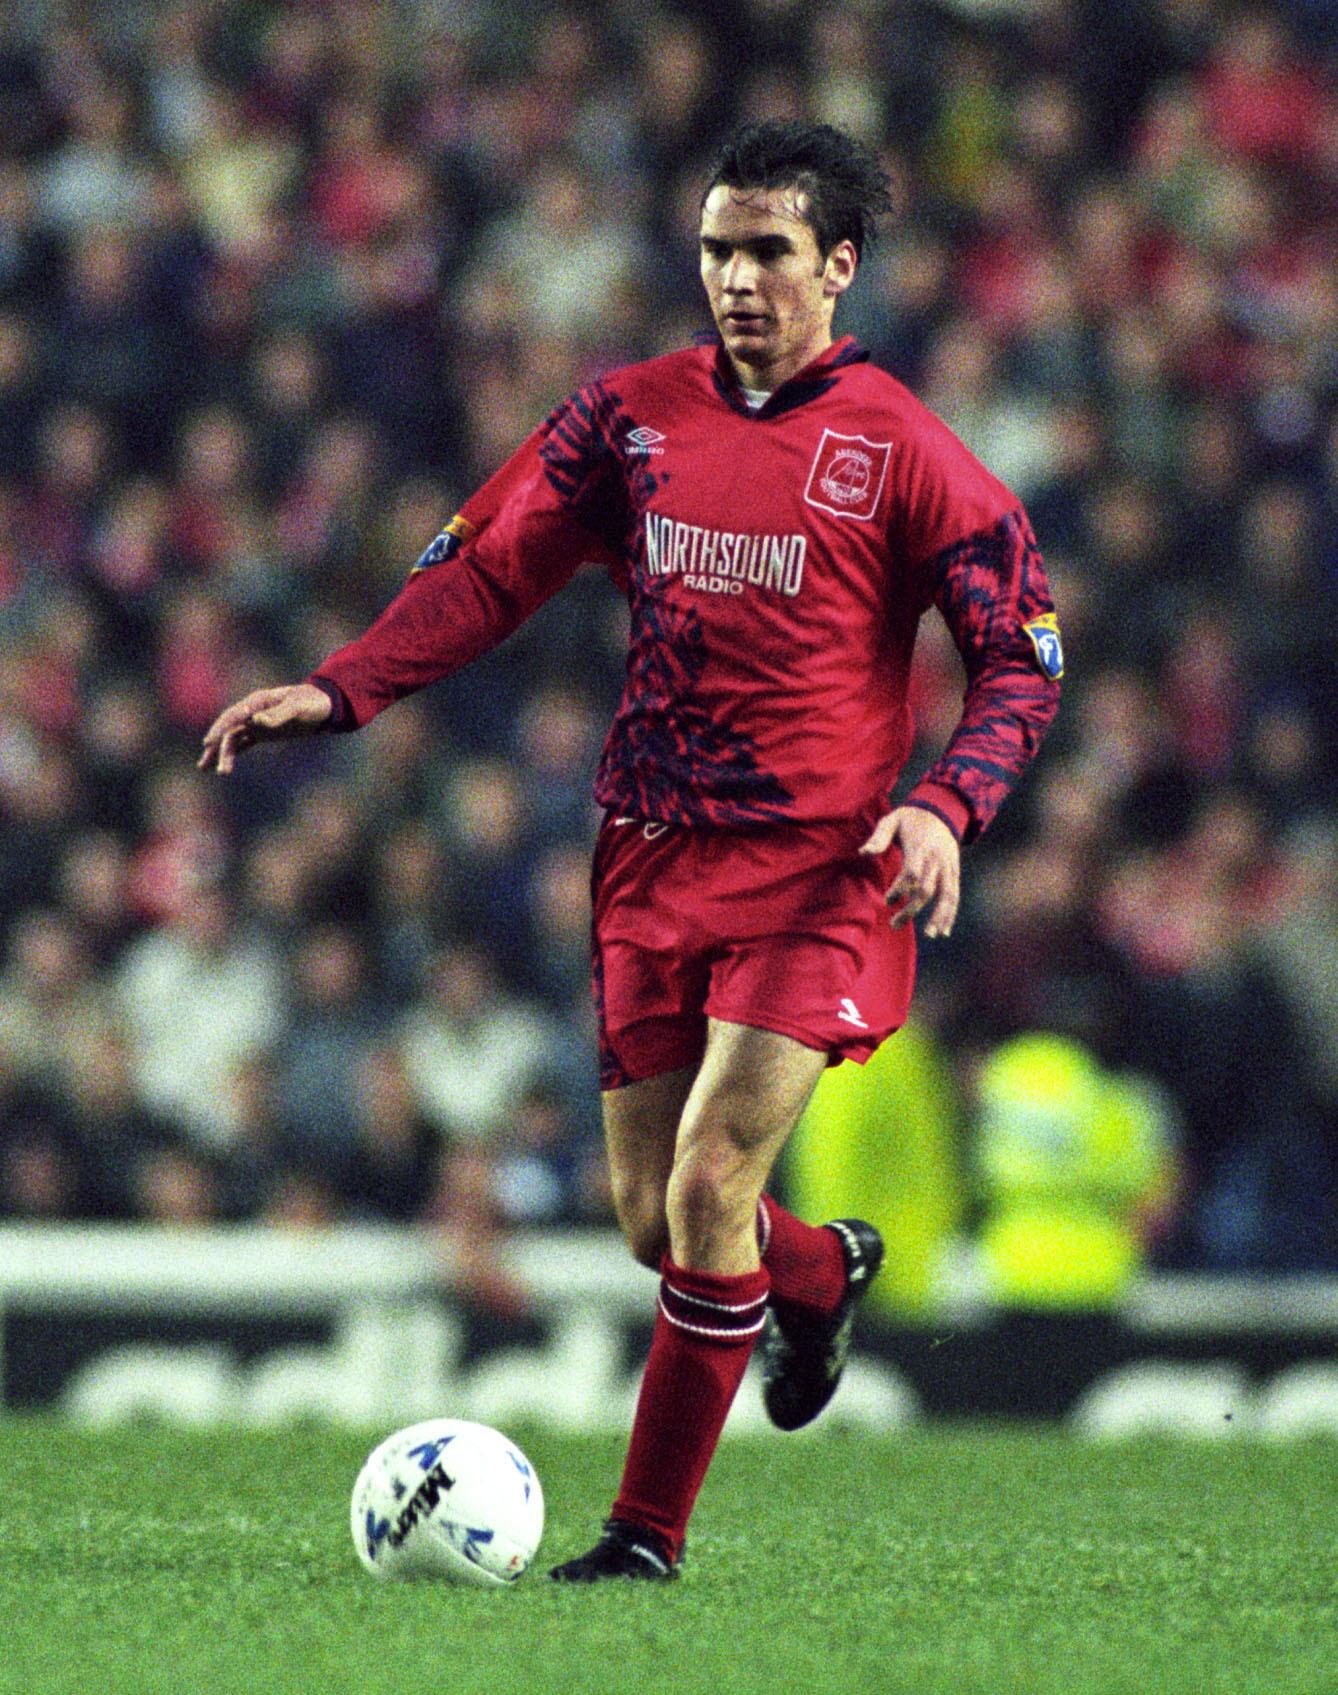 Former Aberdeen midfielder Stephen Glass